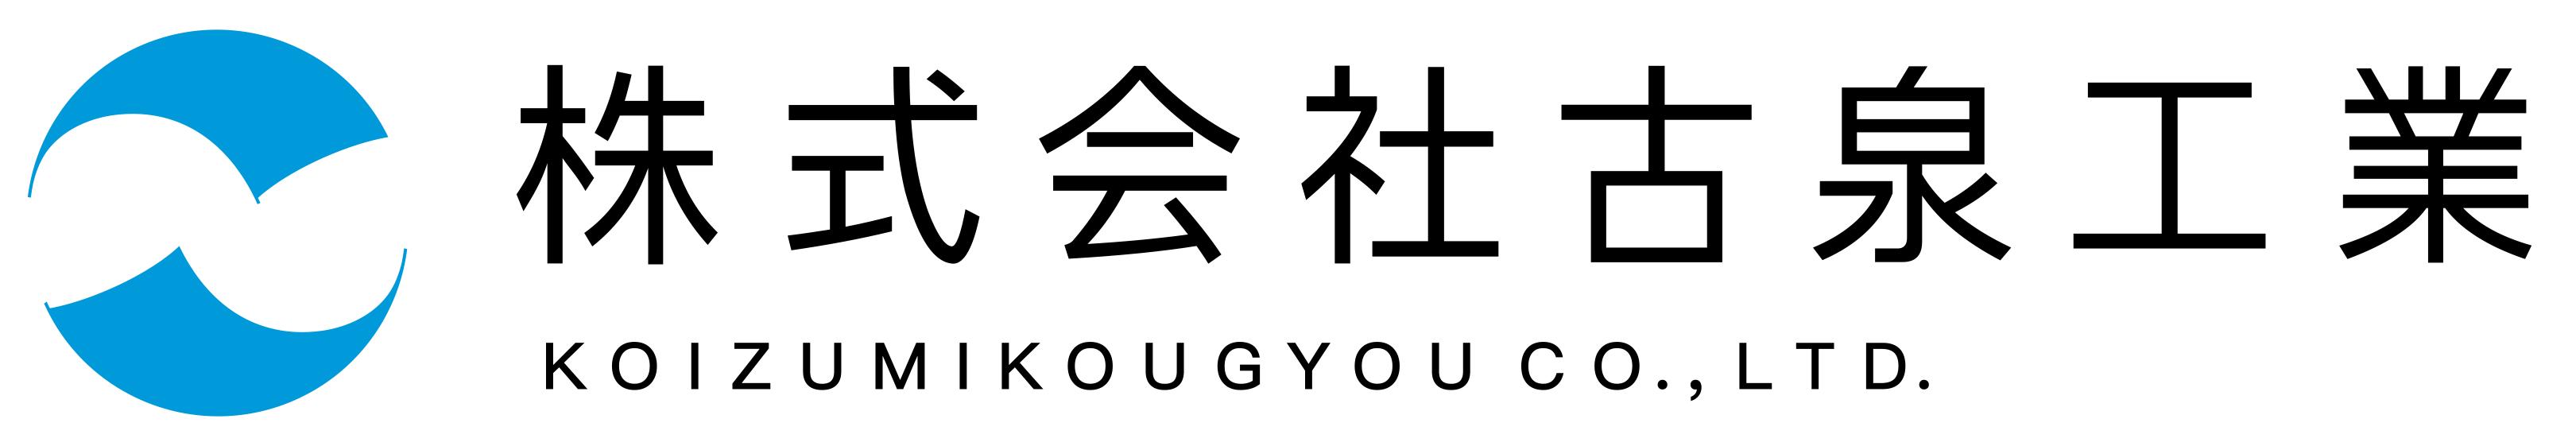 株式会社古泉工業